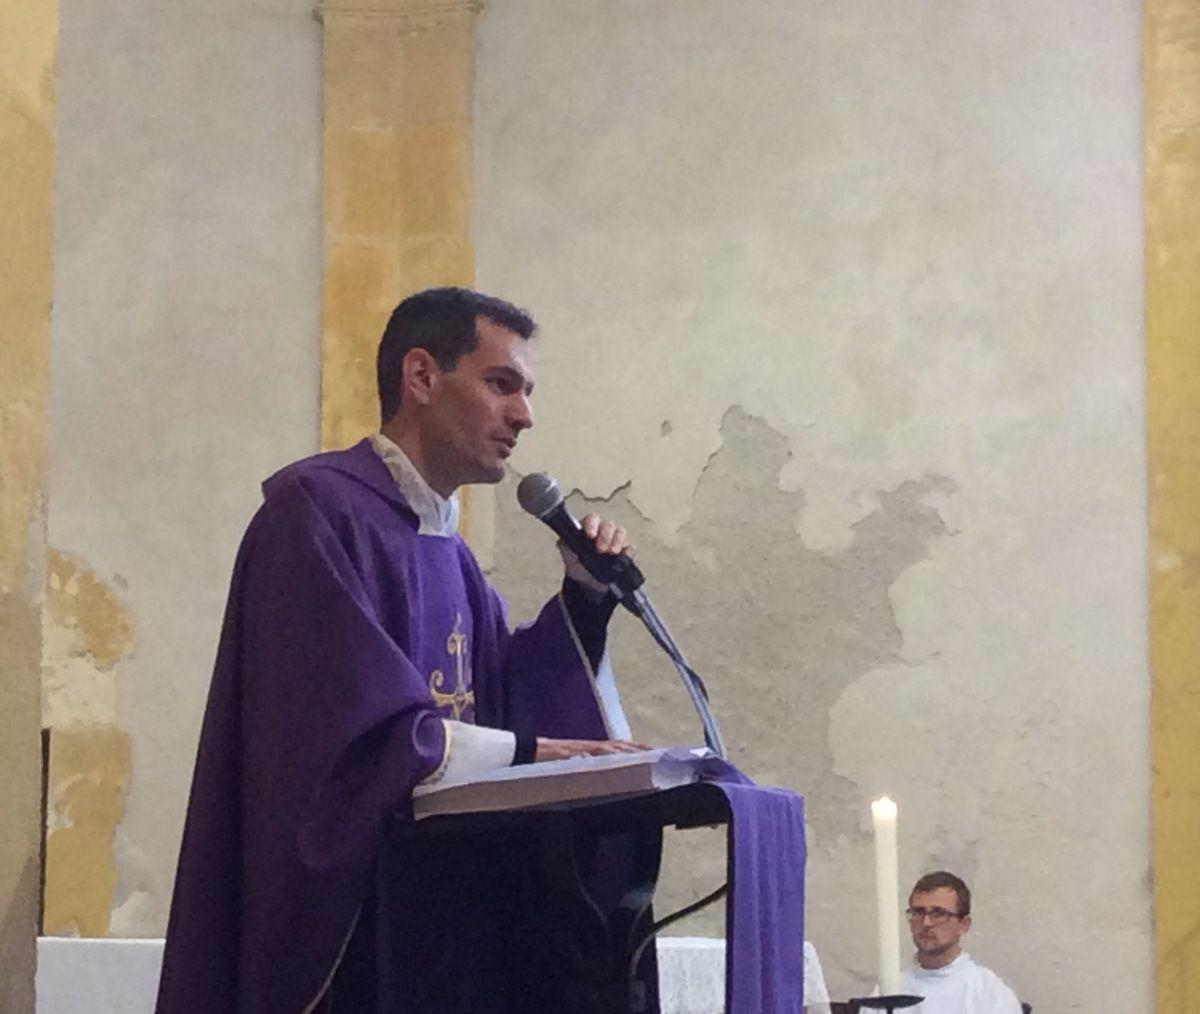 La messe était animée par la chorale africaine et antillaise.